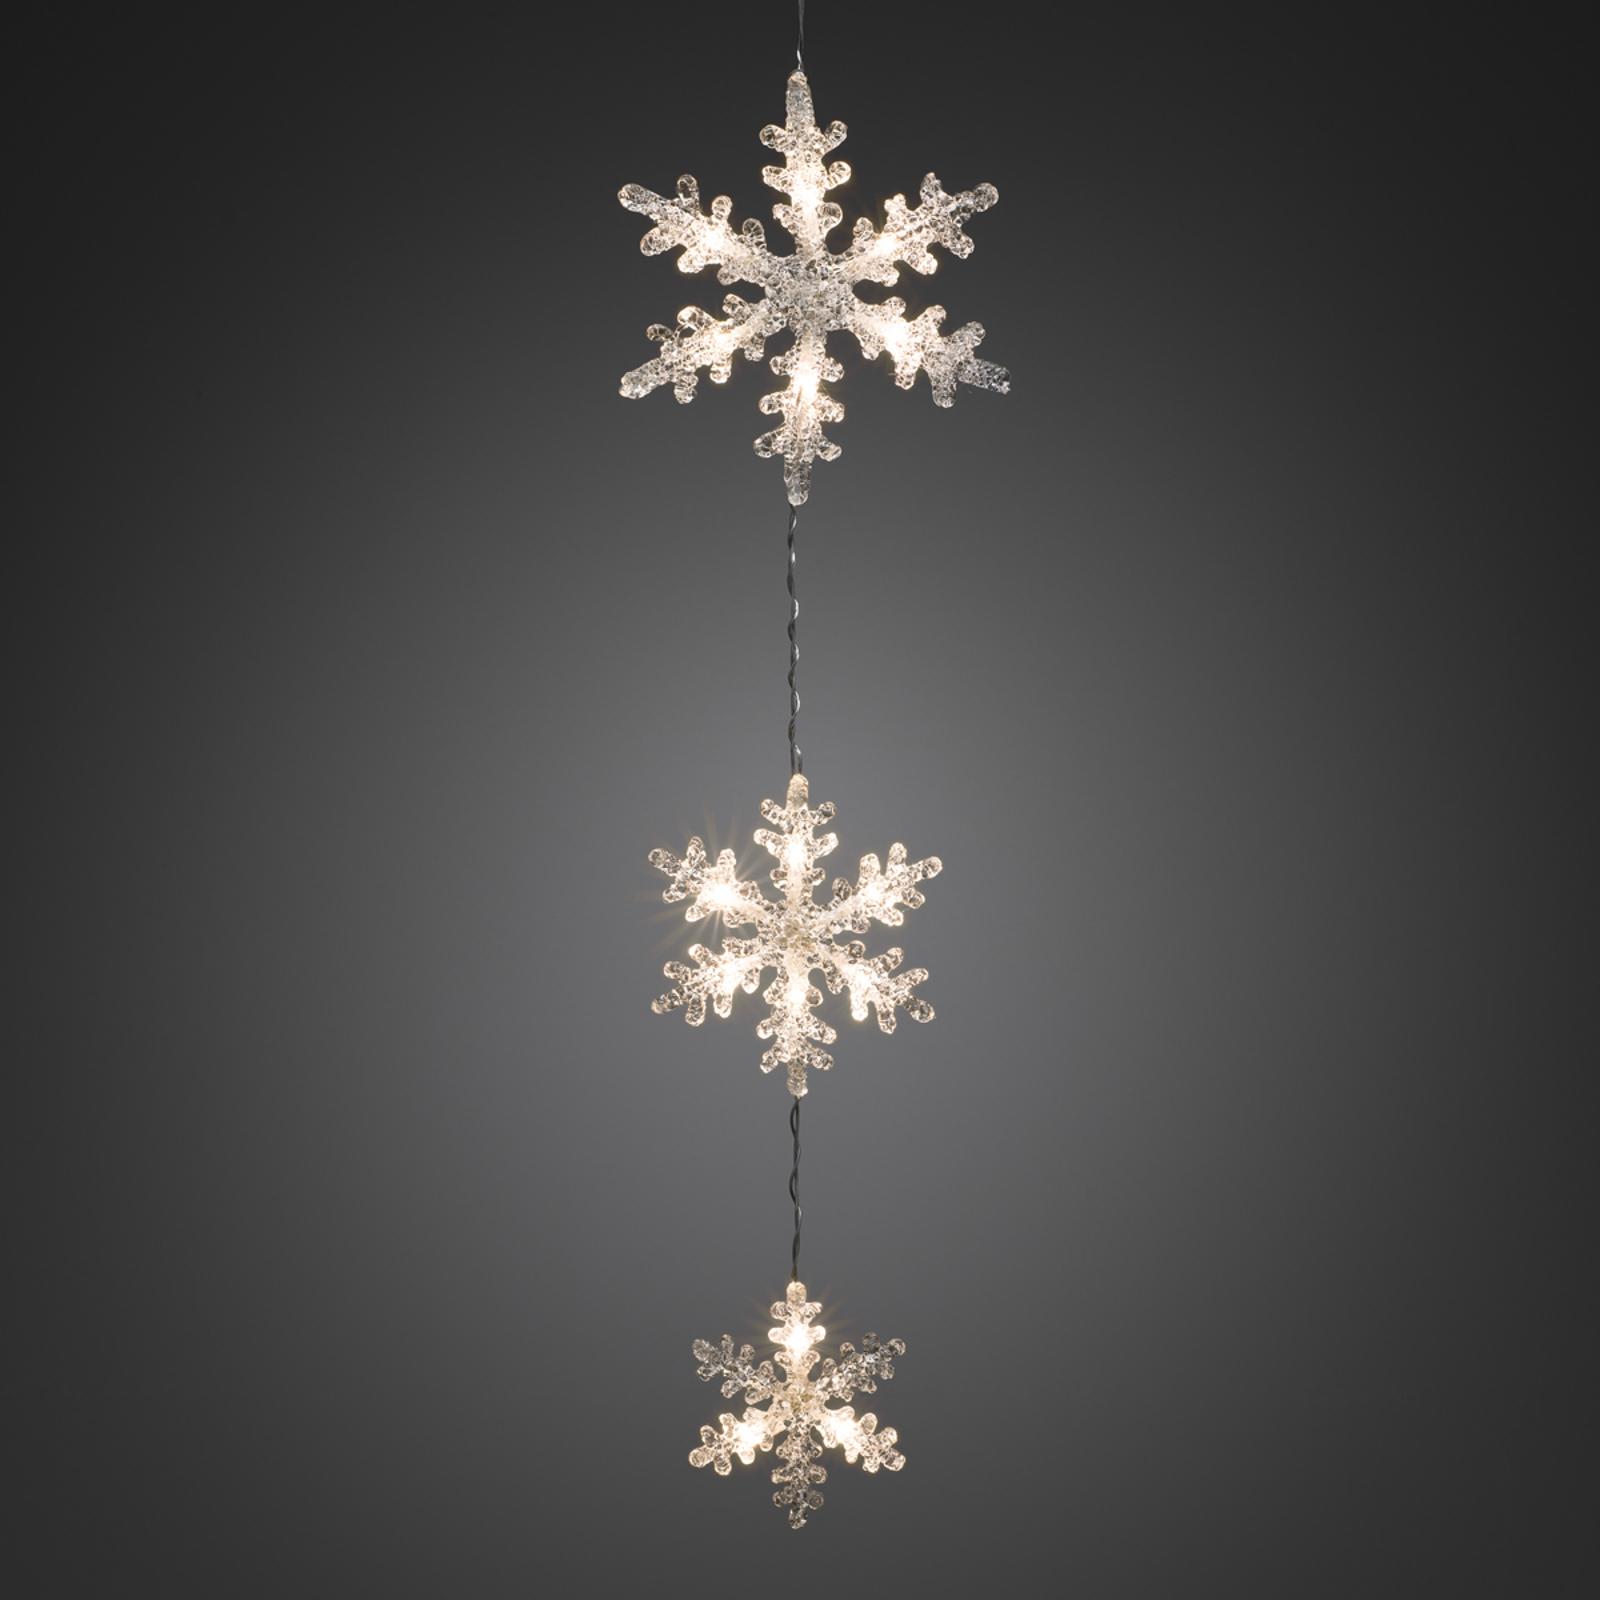 LED-Lichterkette Schneeflocken